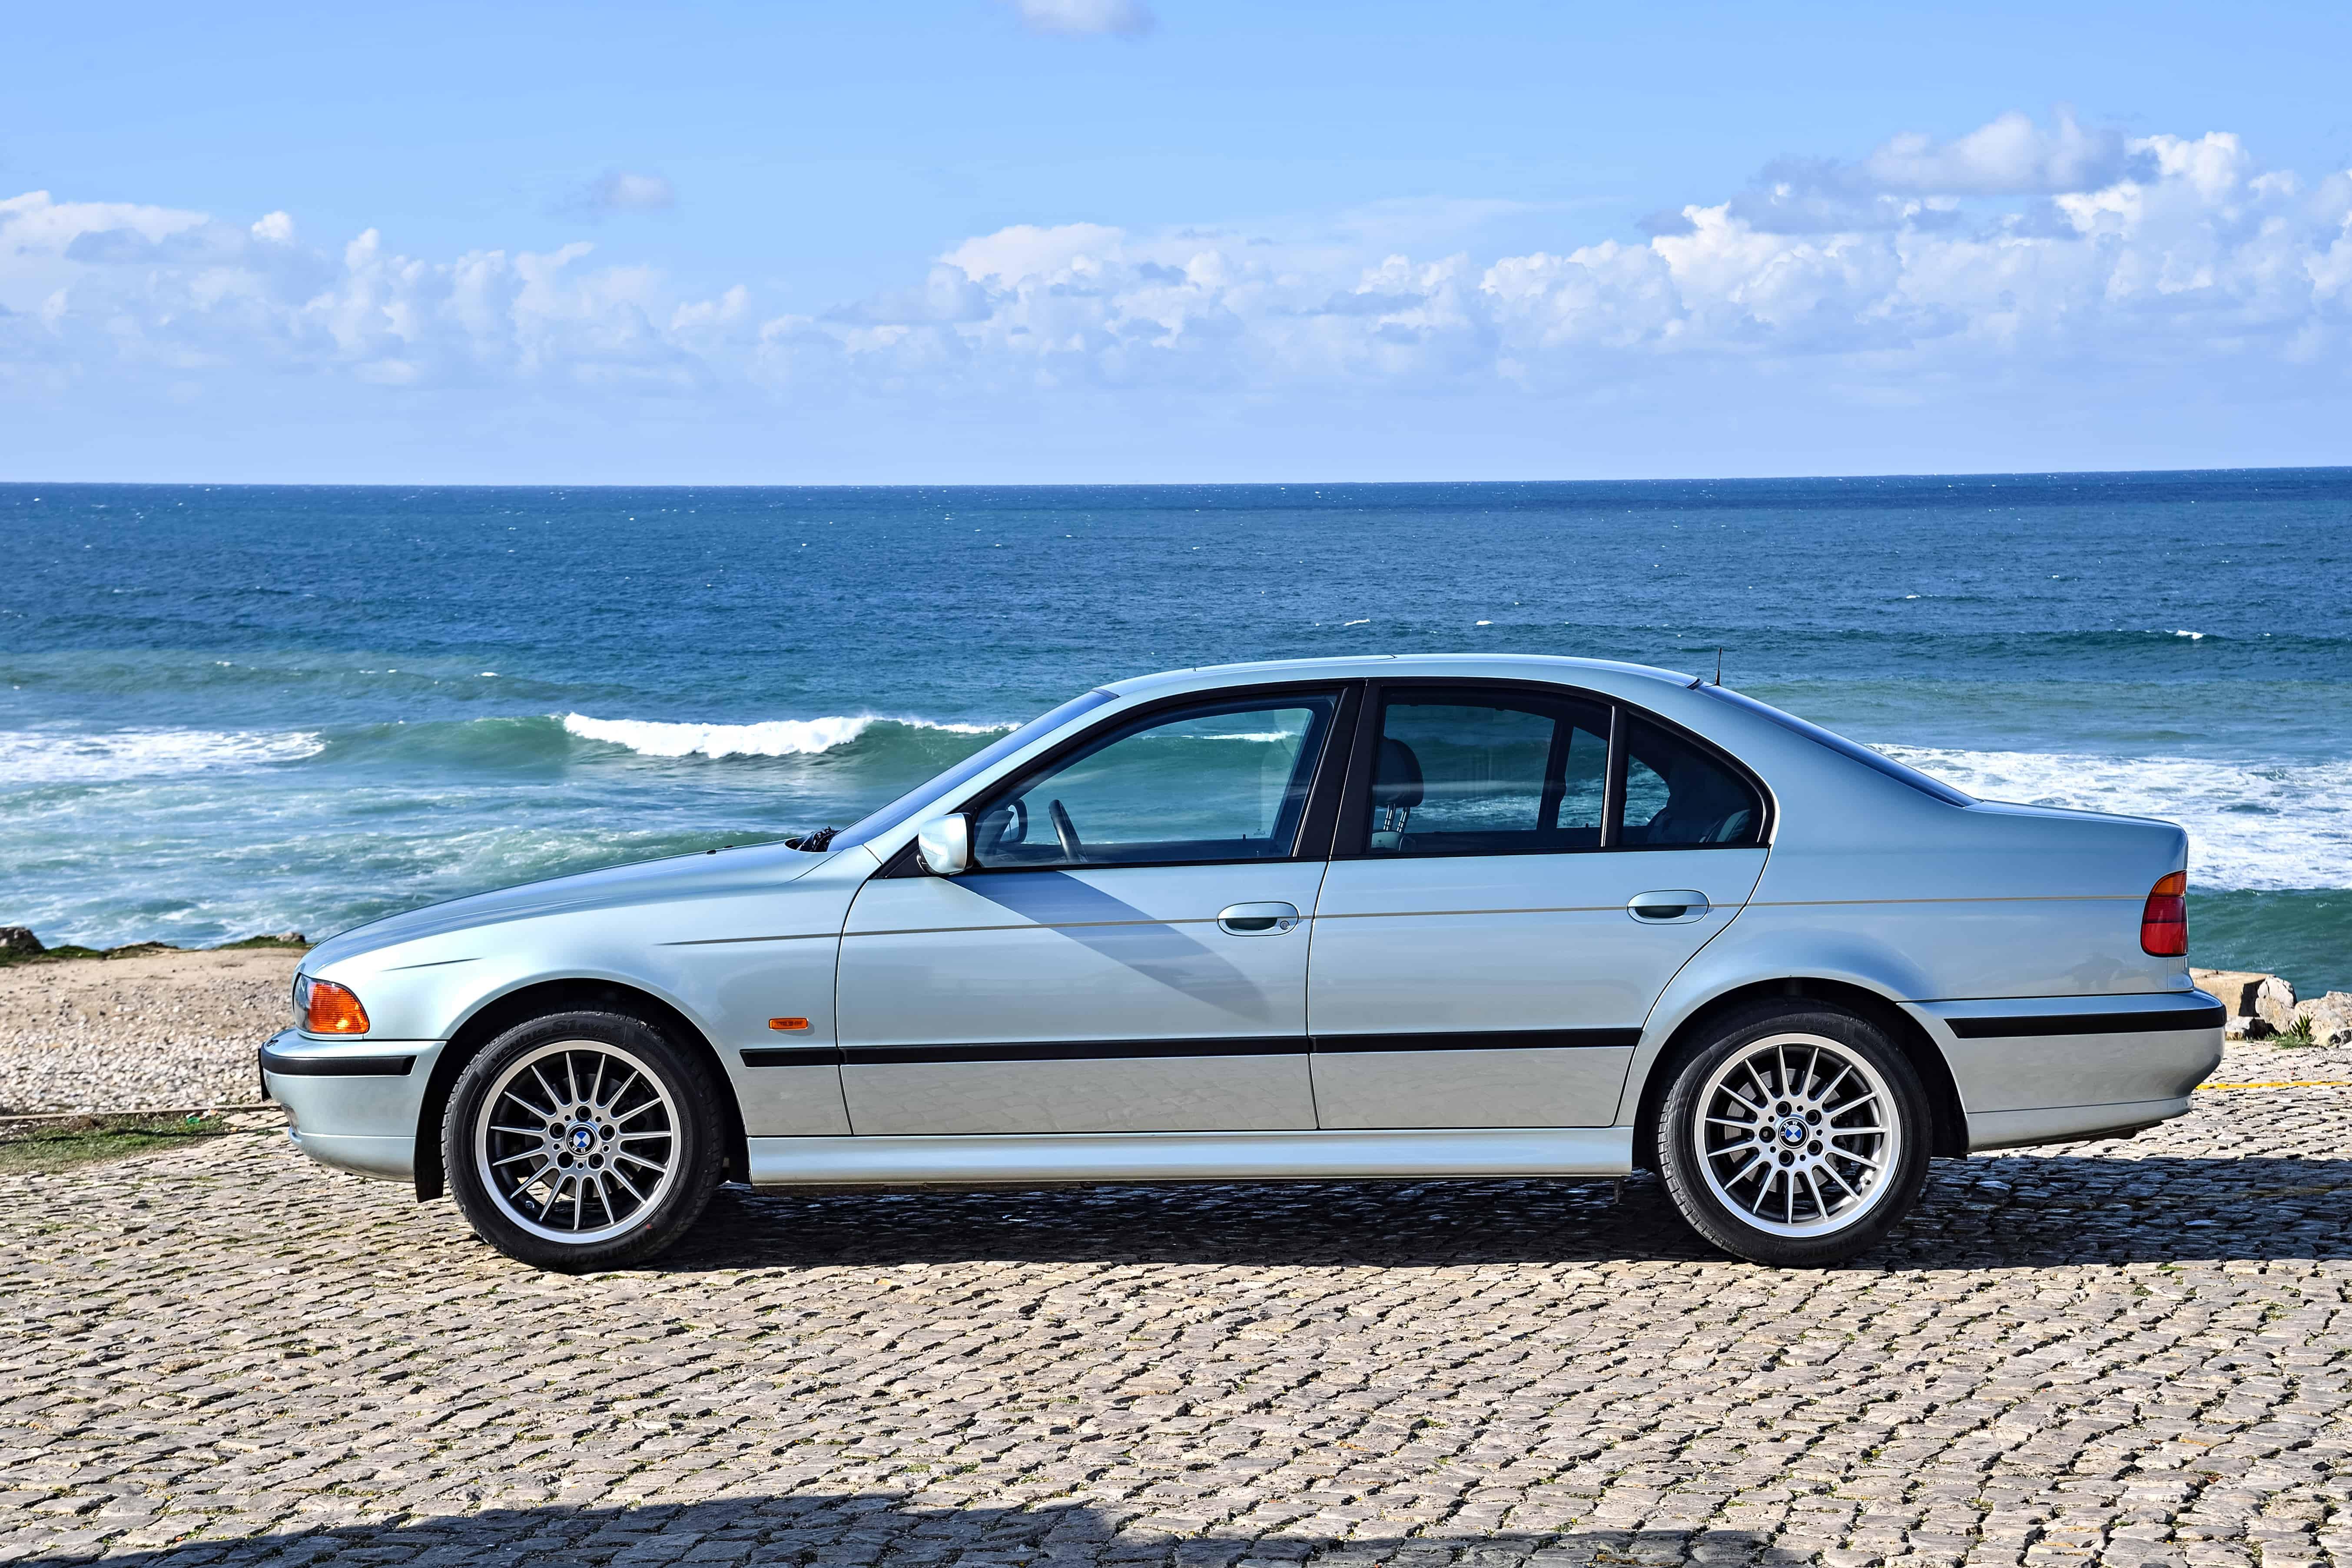 BMW E39 style 32 wheels